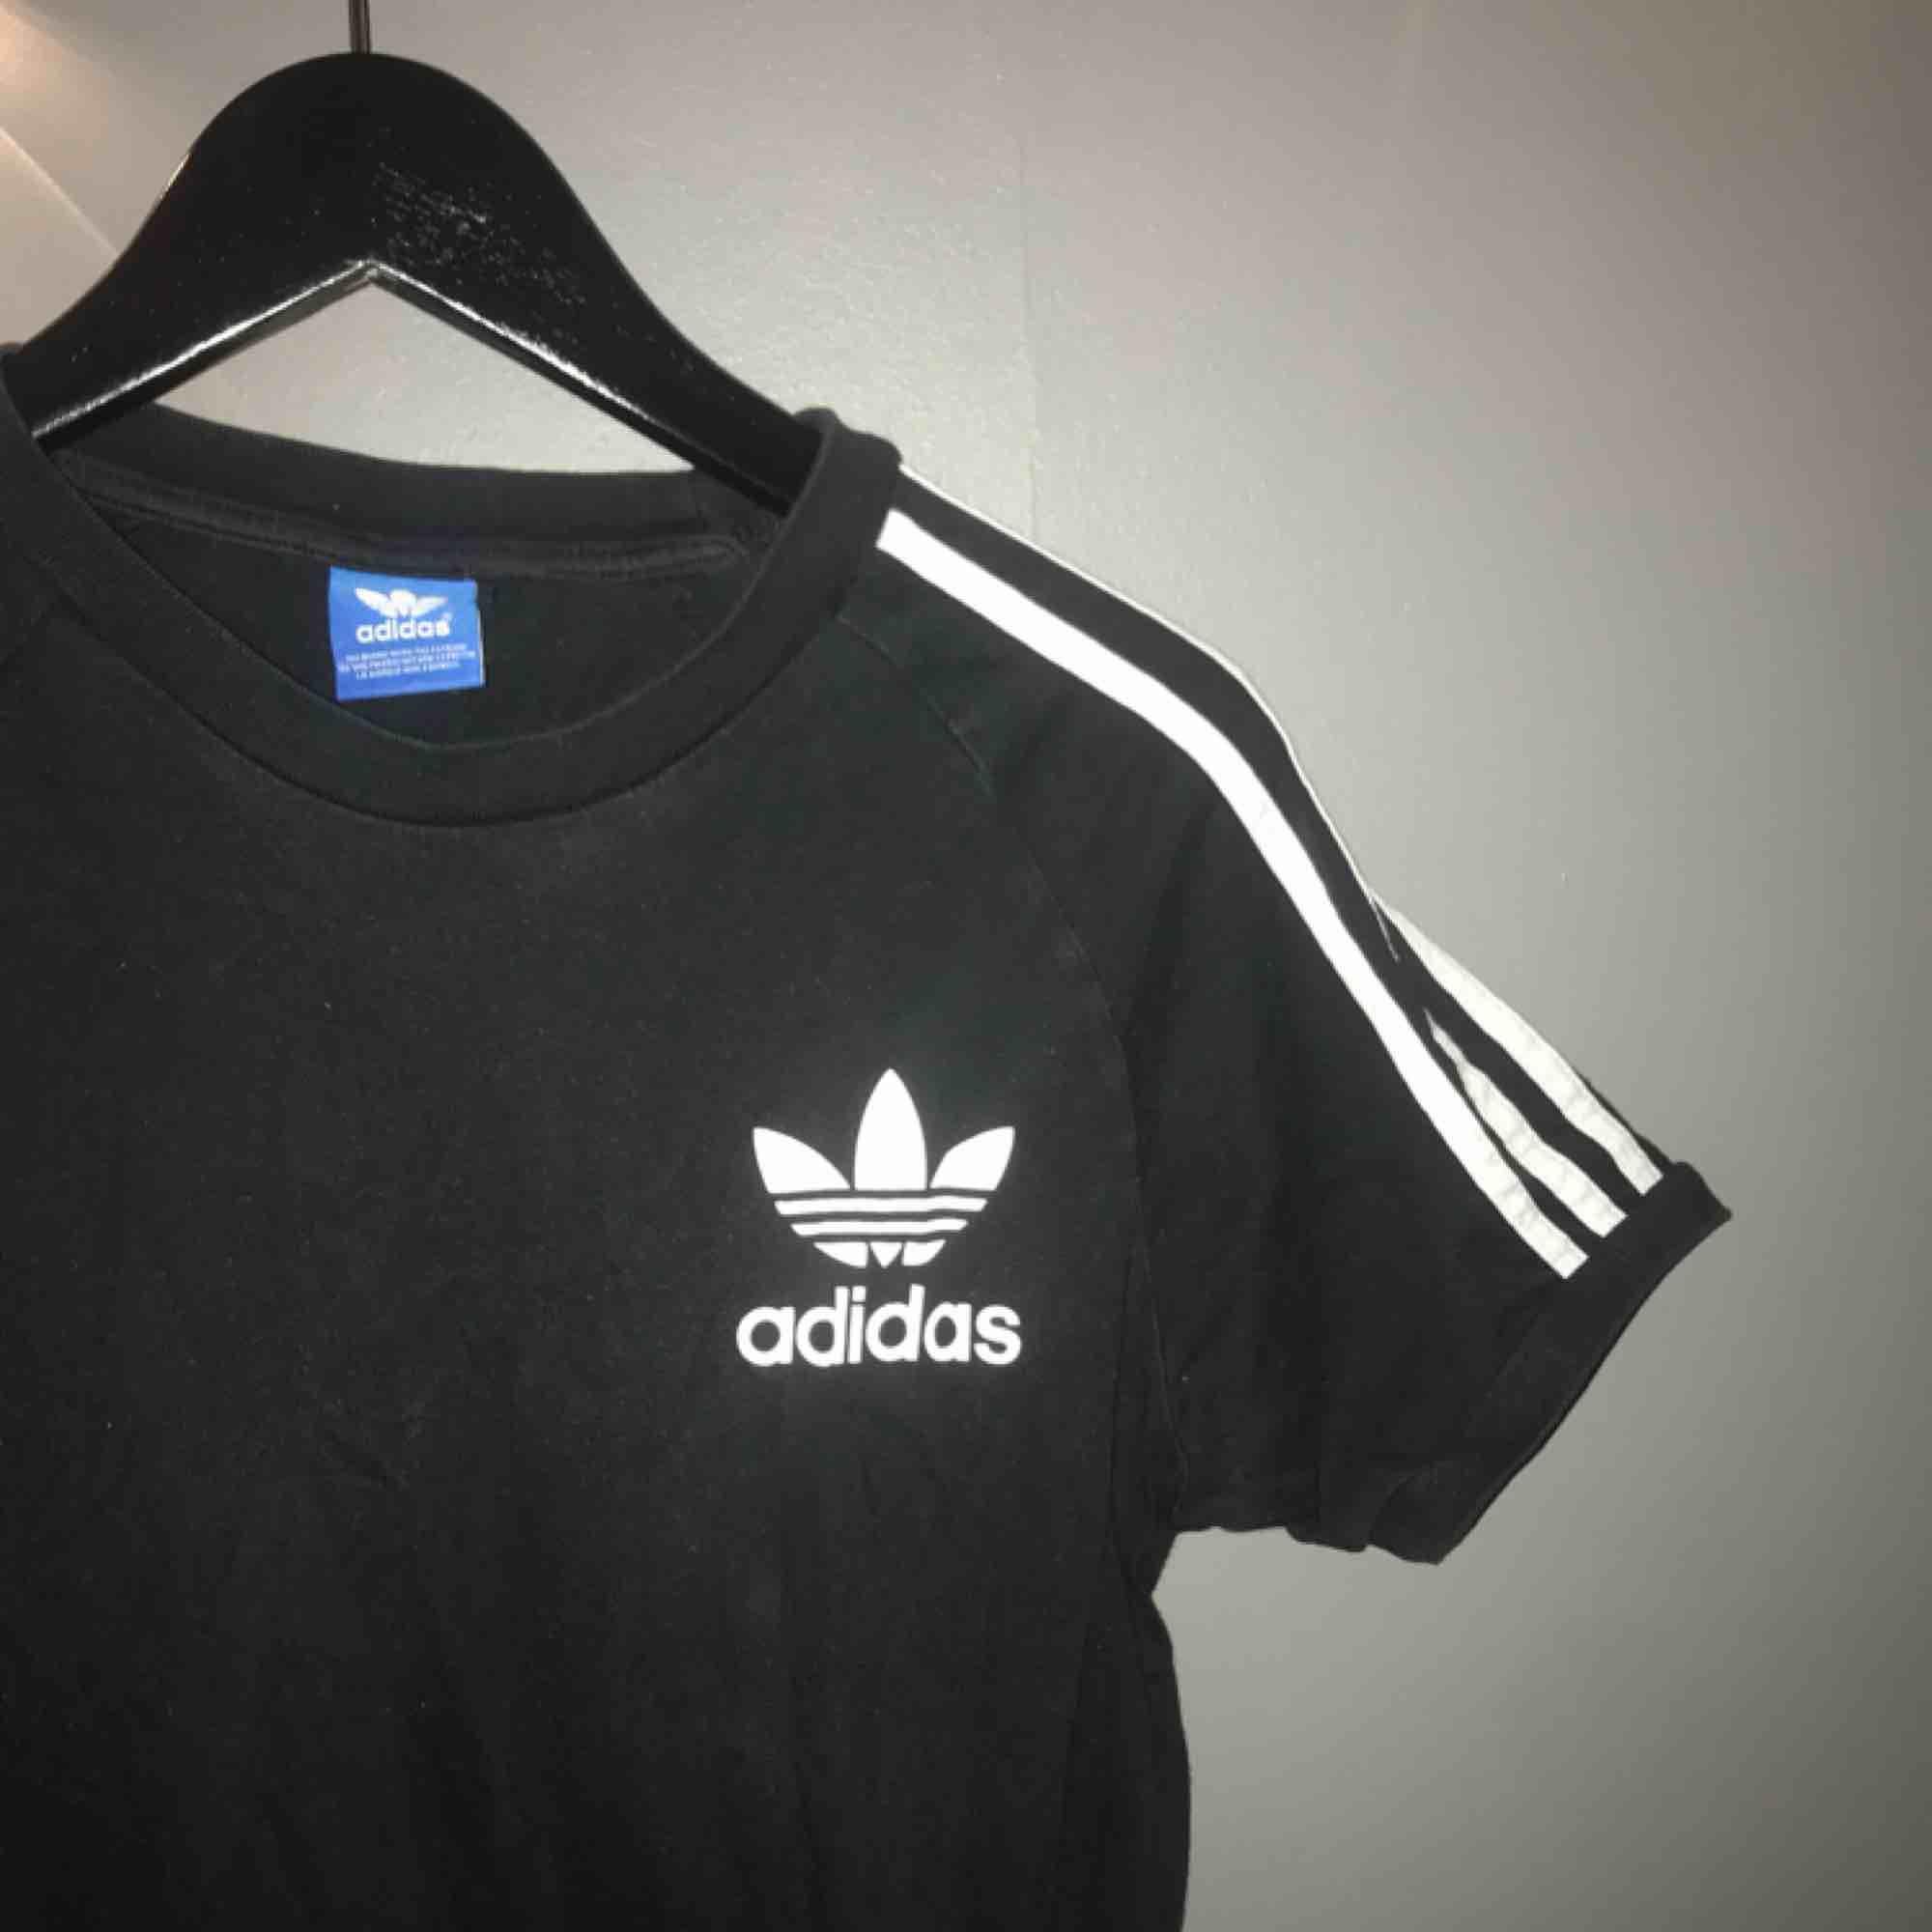 Adidas Tshirt i storlek Small! Passar även XS och M beroende på hur man vill att den ska sitta! Köparen står för frakt🤗. T-shirts.